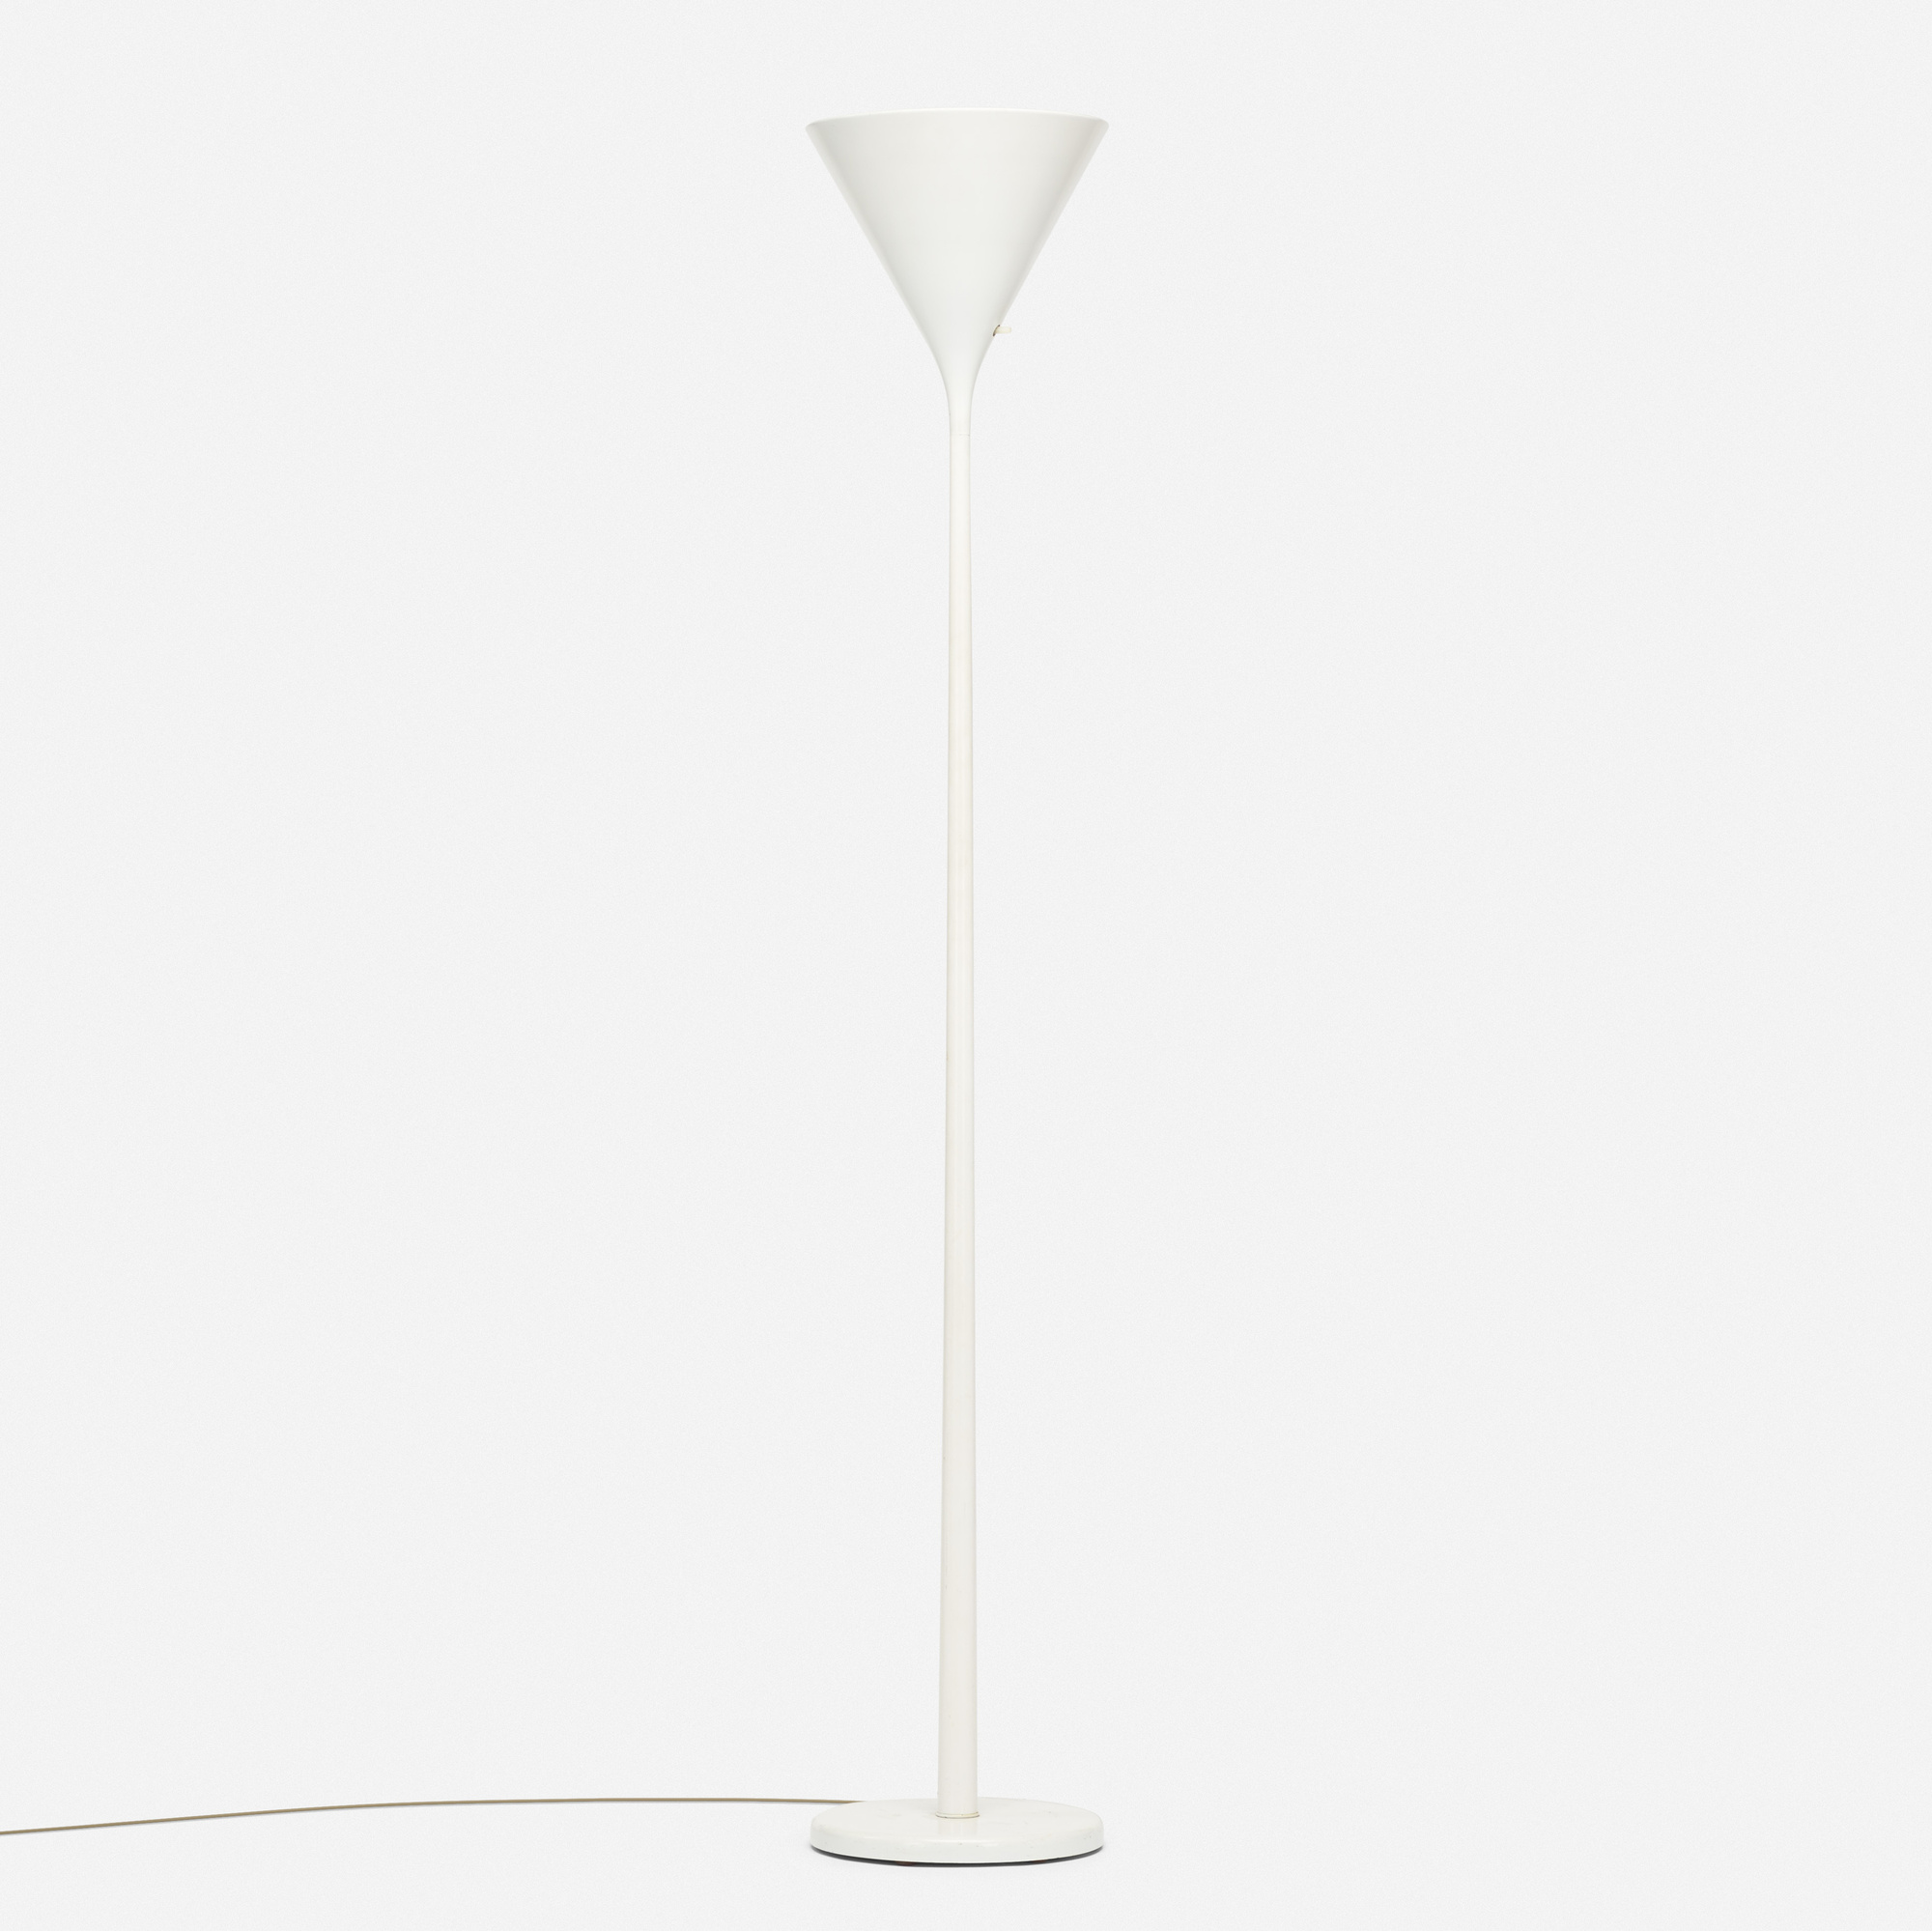 637: Walter von Nessen / floor lamp (1 of 2)